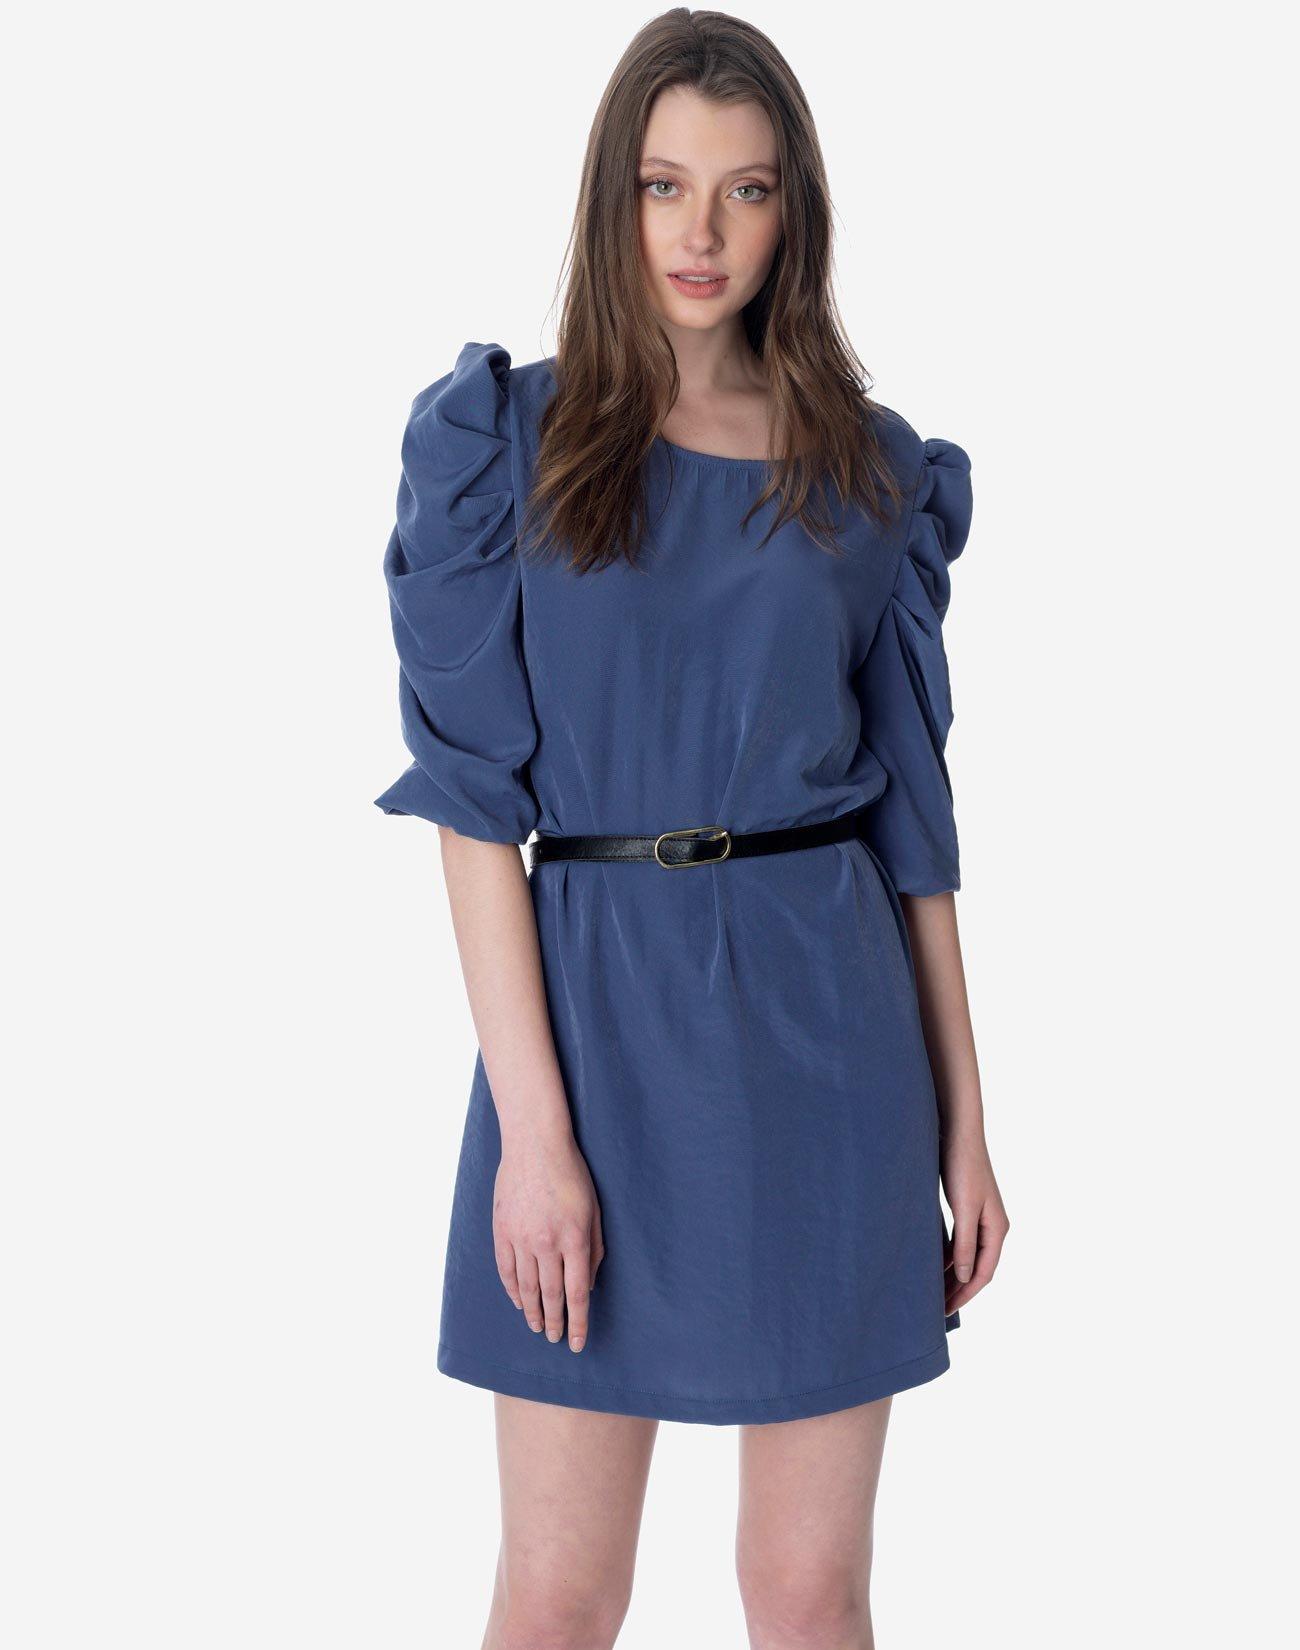 Φόρεμα με φουσκωτά μανίκια